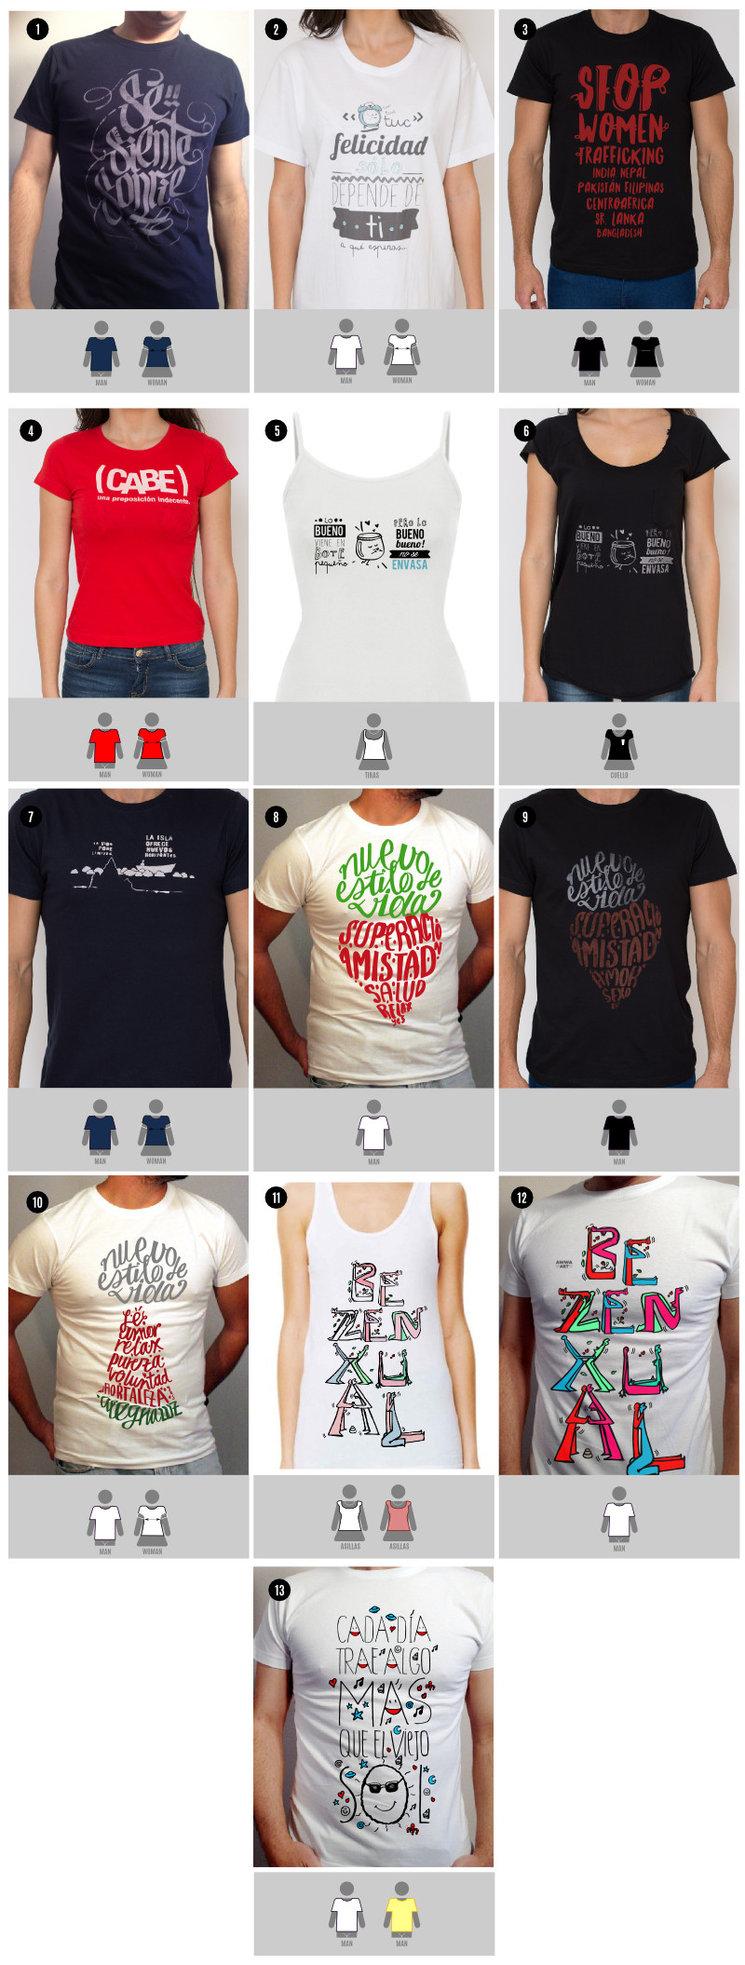 a70d58e874612  07   Tallado de camisetas Awwa art según modelos